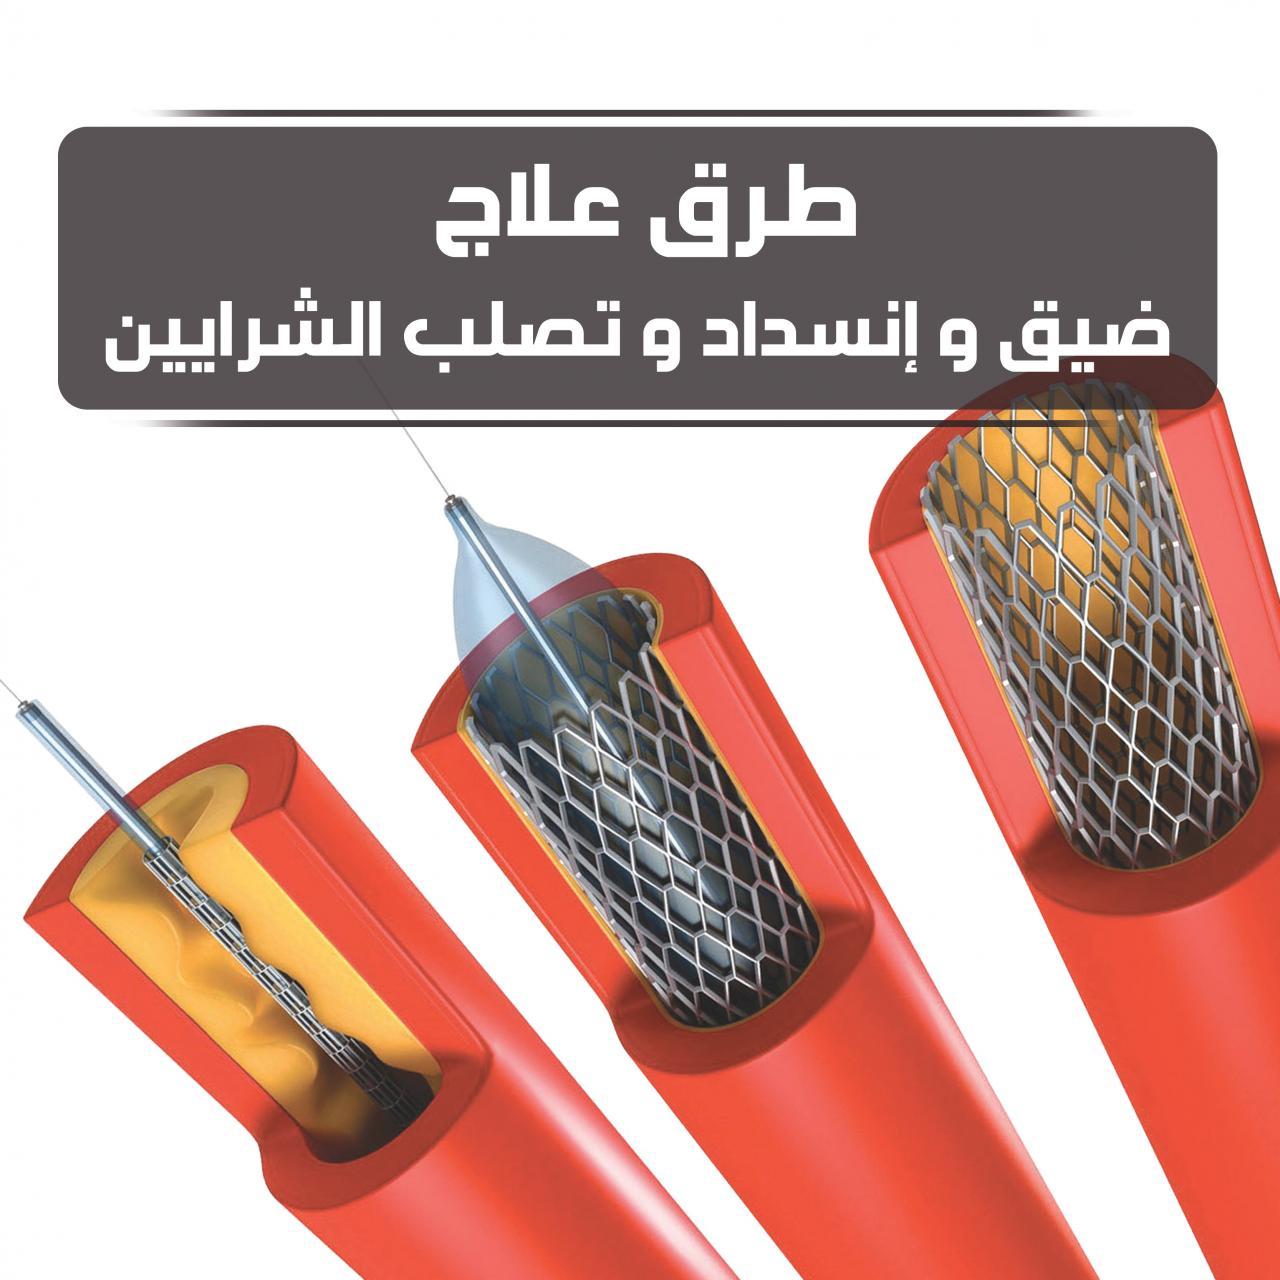 بالصور علاج تصلب الشرايين , افضل علاج مرض تصلب او انسداد الشرايين 12287 2